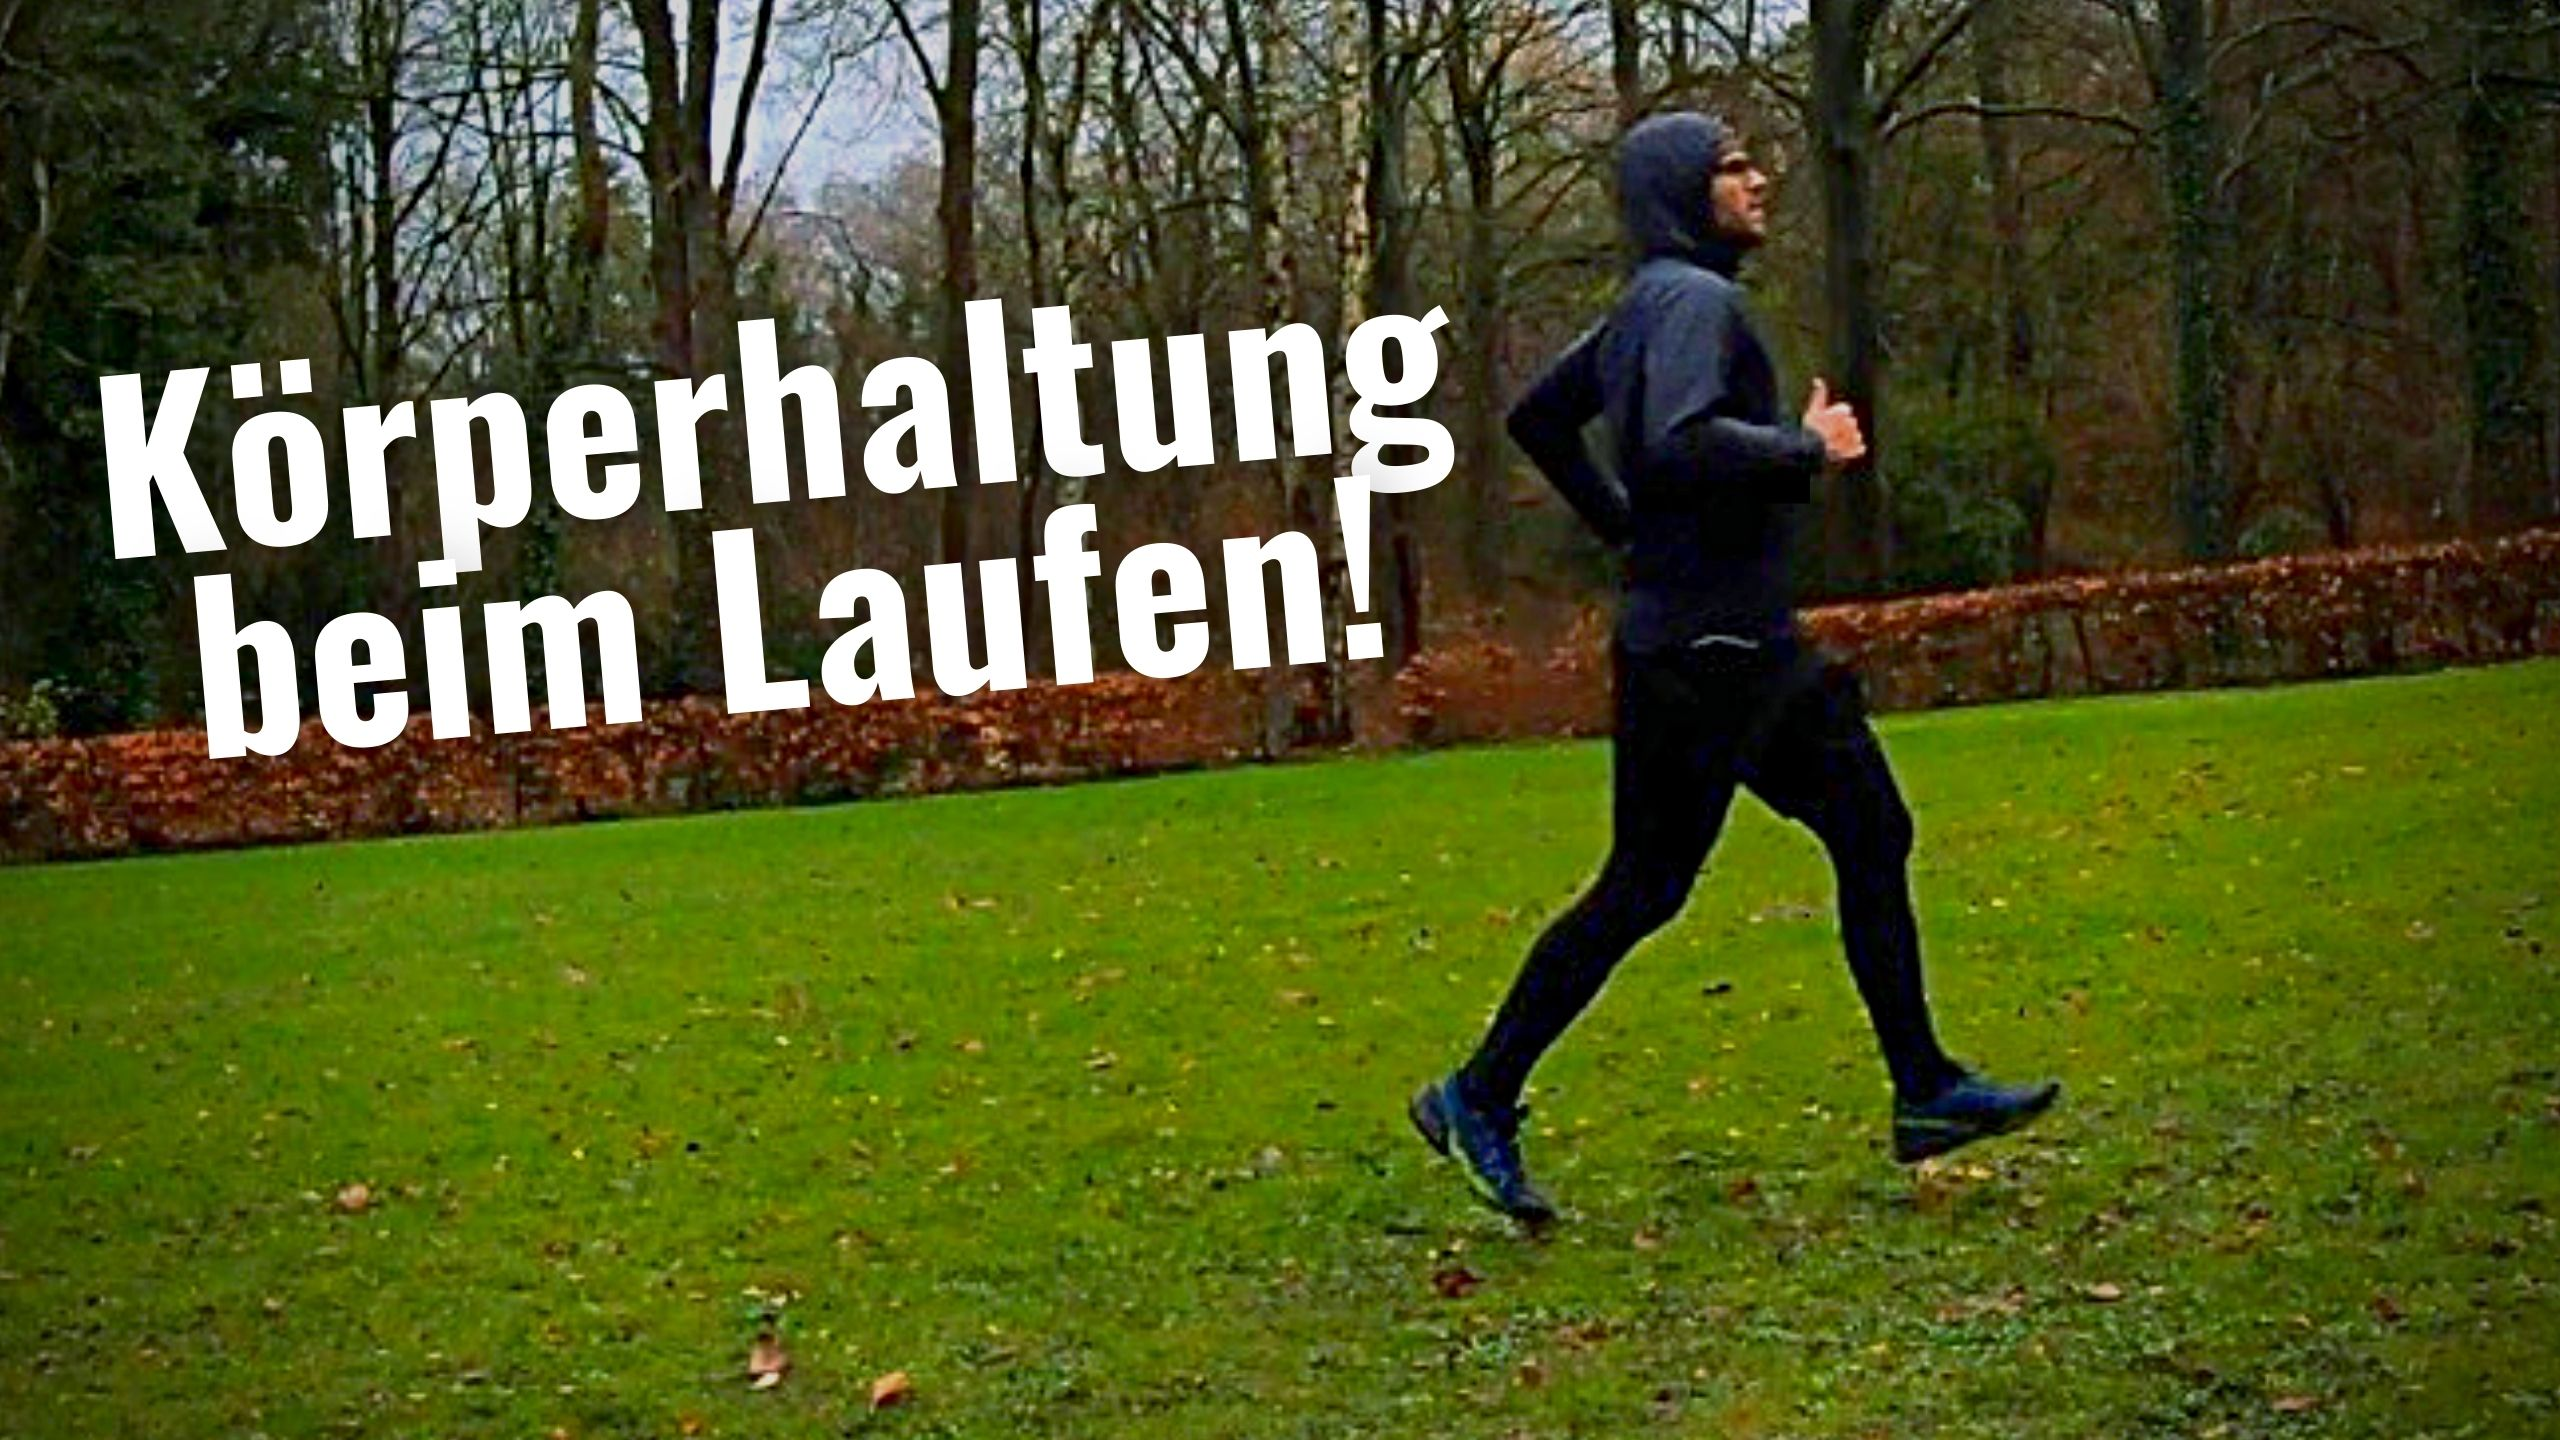 Körperhaltung beim Laufen